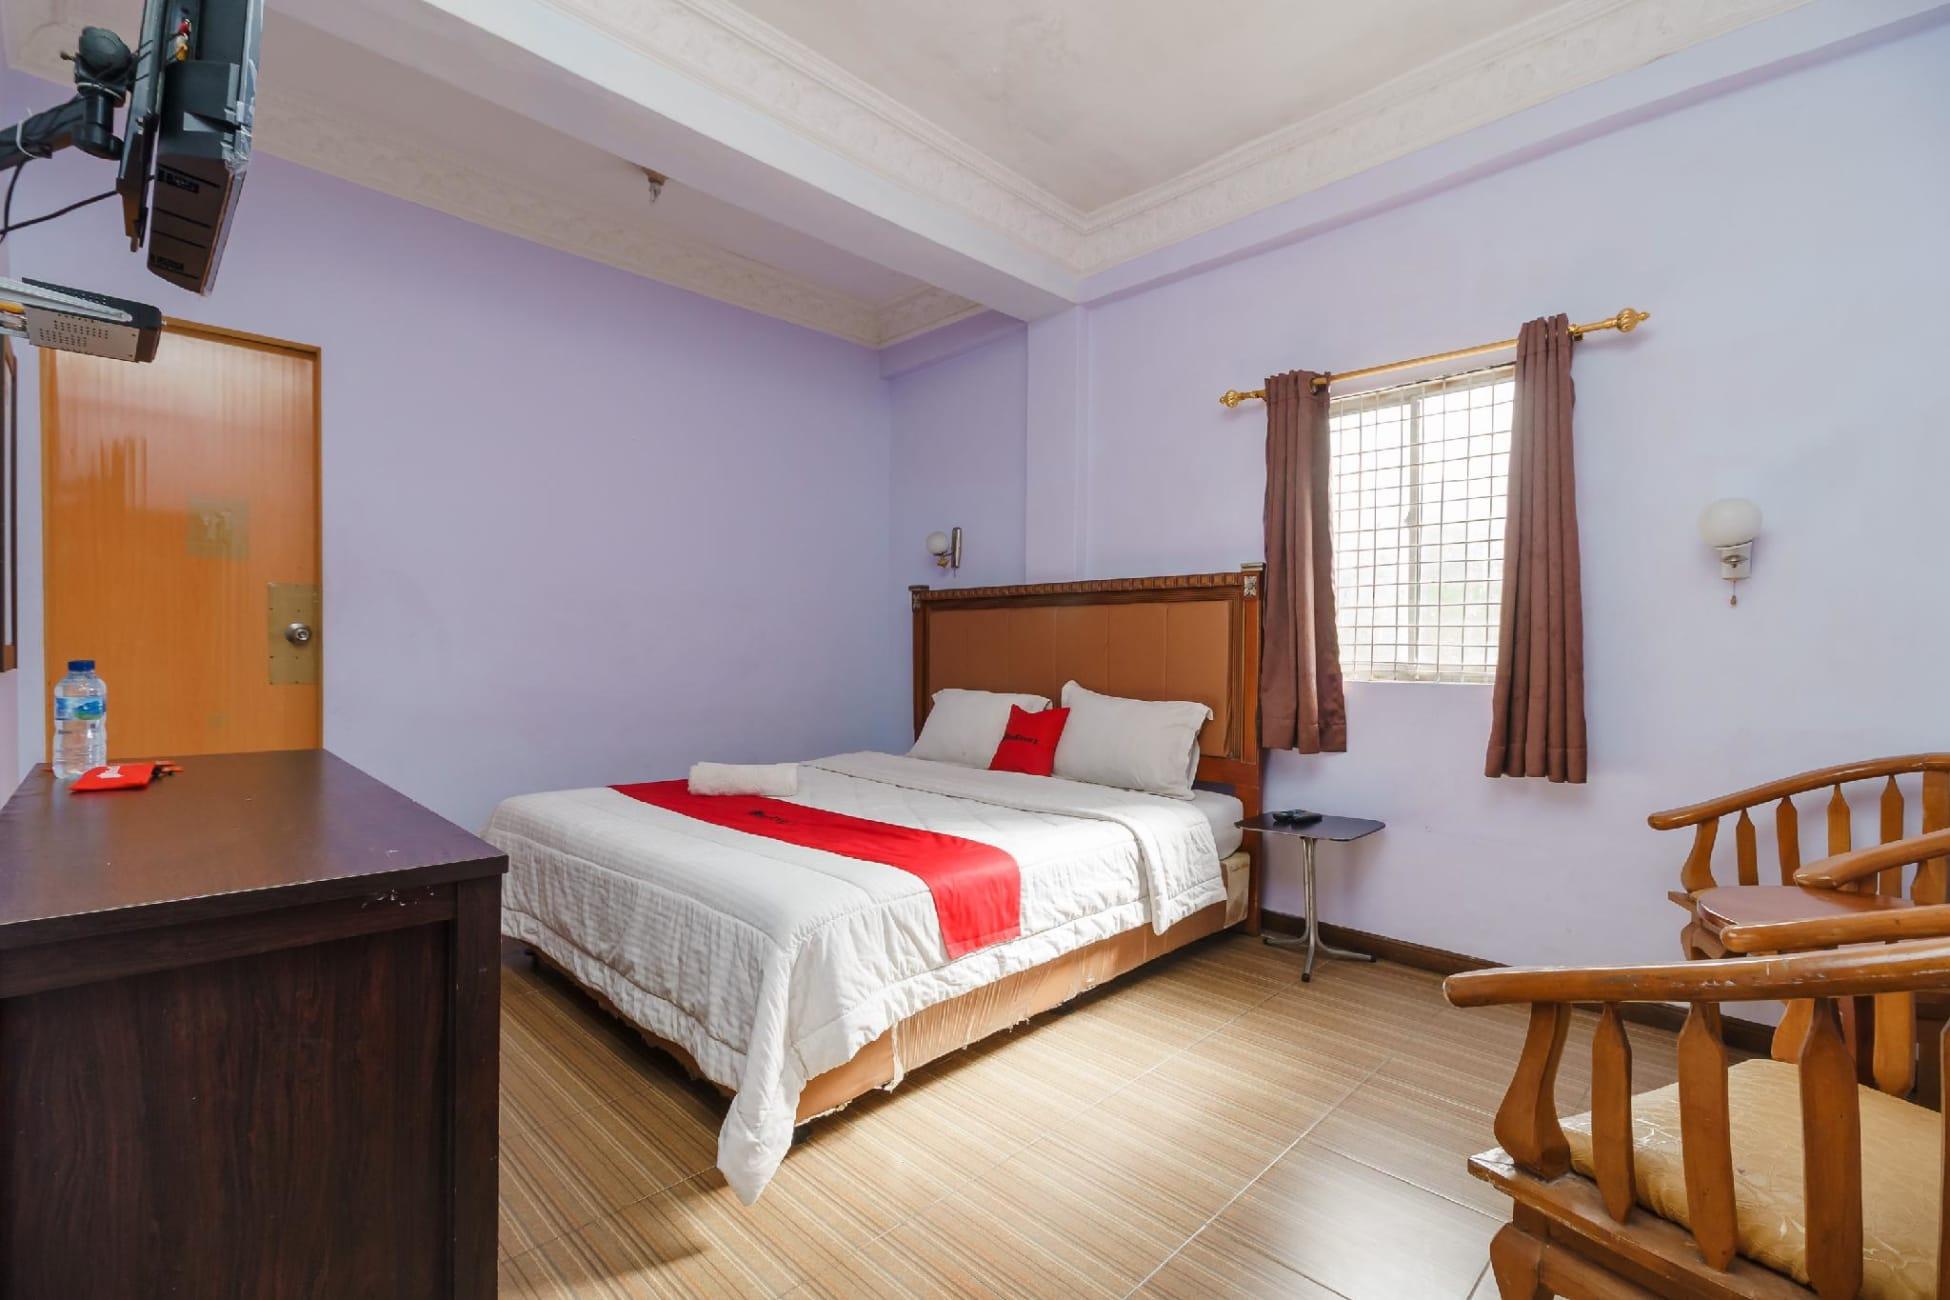 Rumah Apartemen Lainnya Reddoorz Near Pantai Bebas Parapat Parapat Trivago Co Id